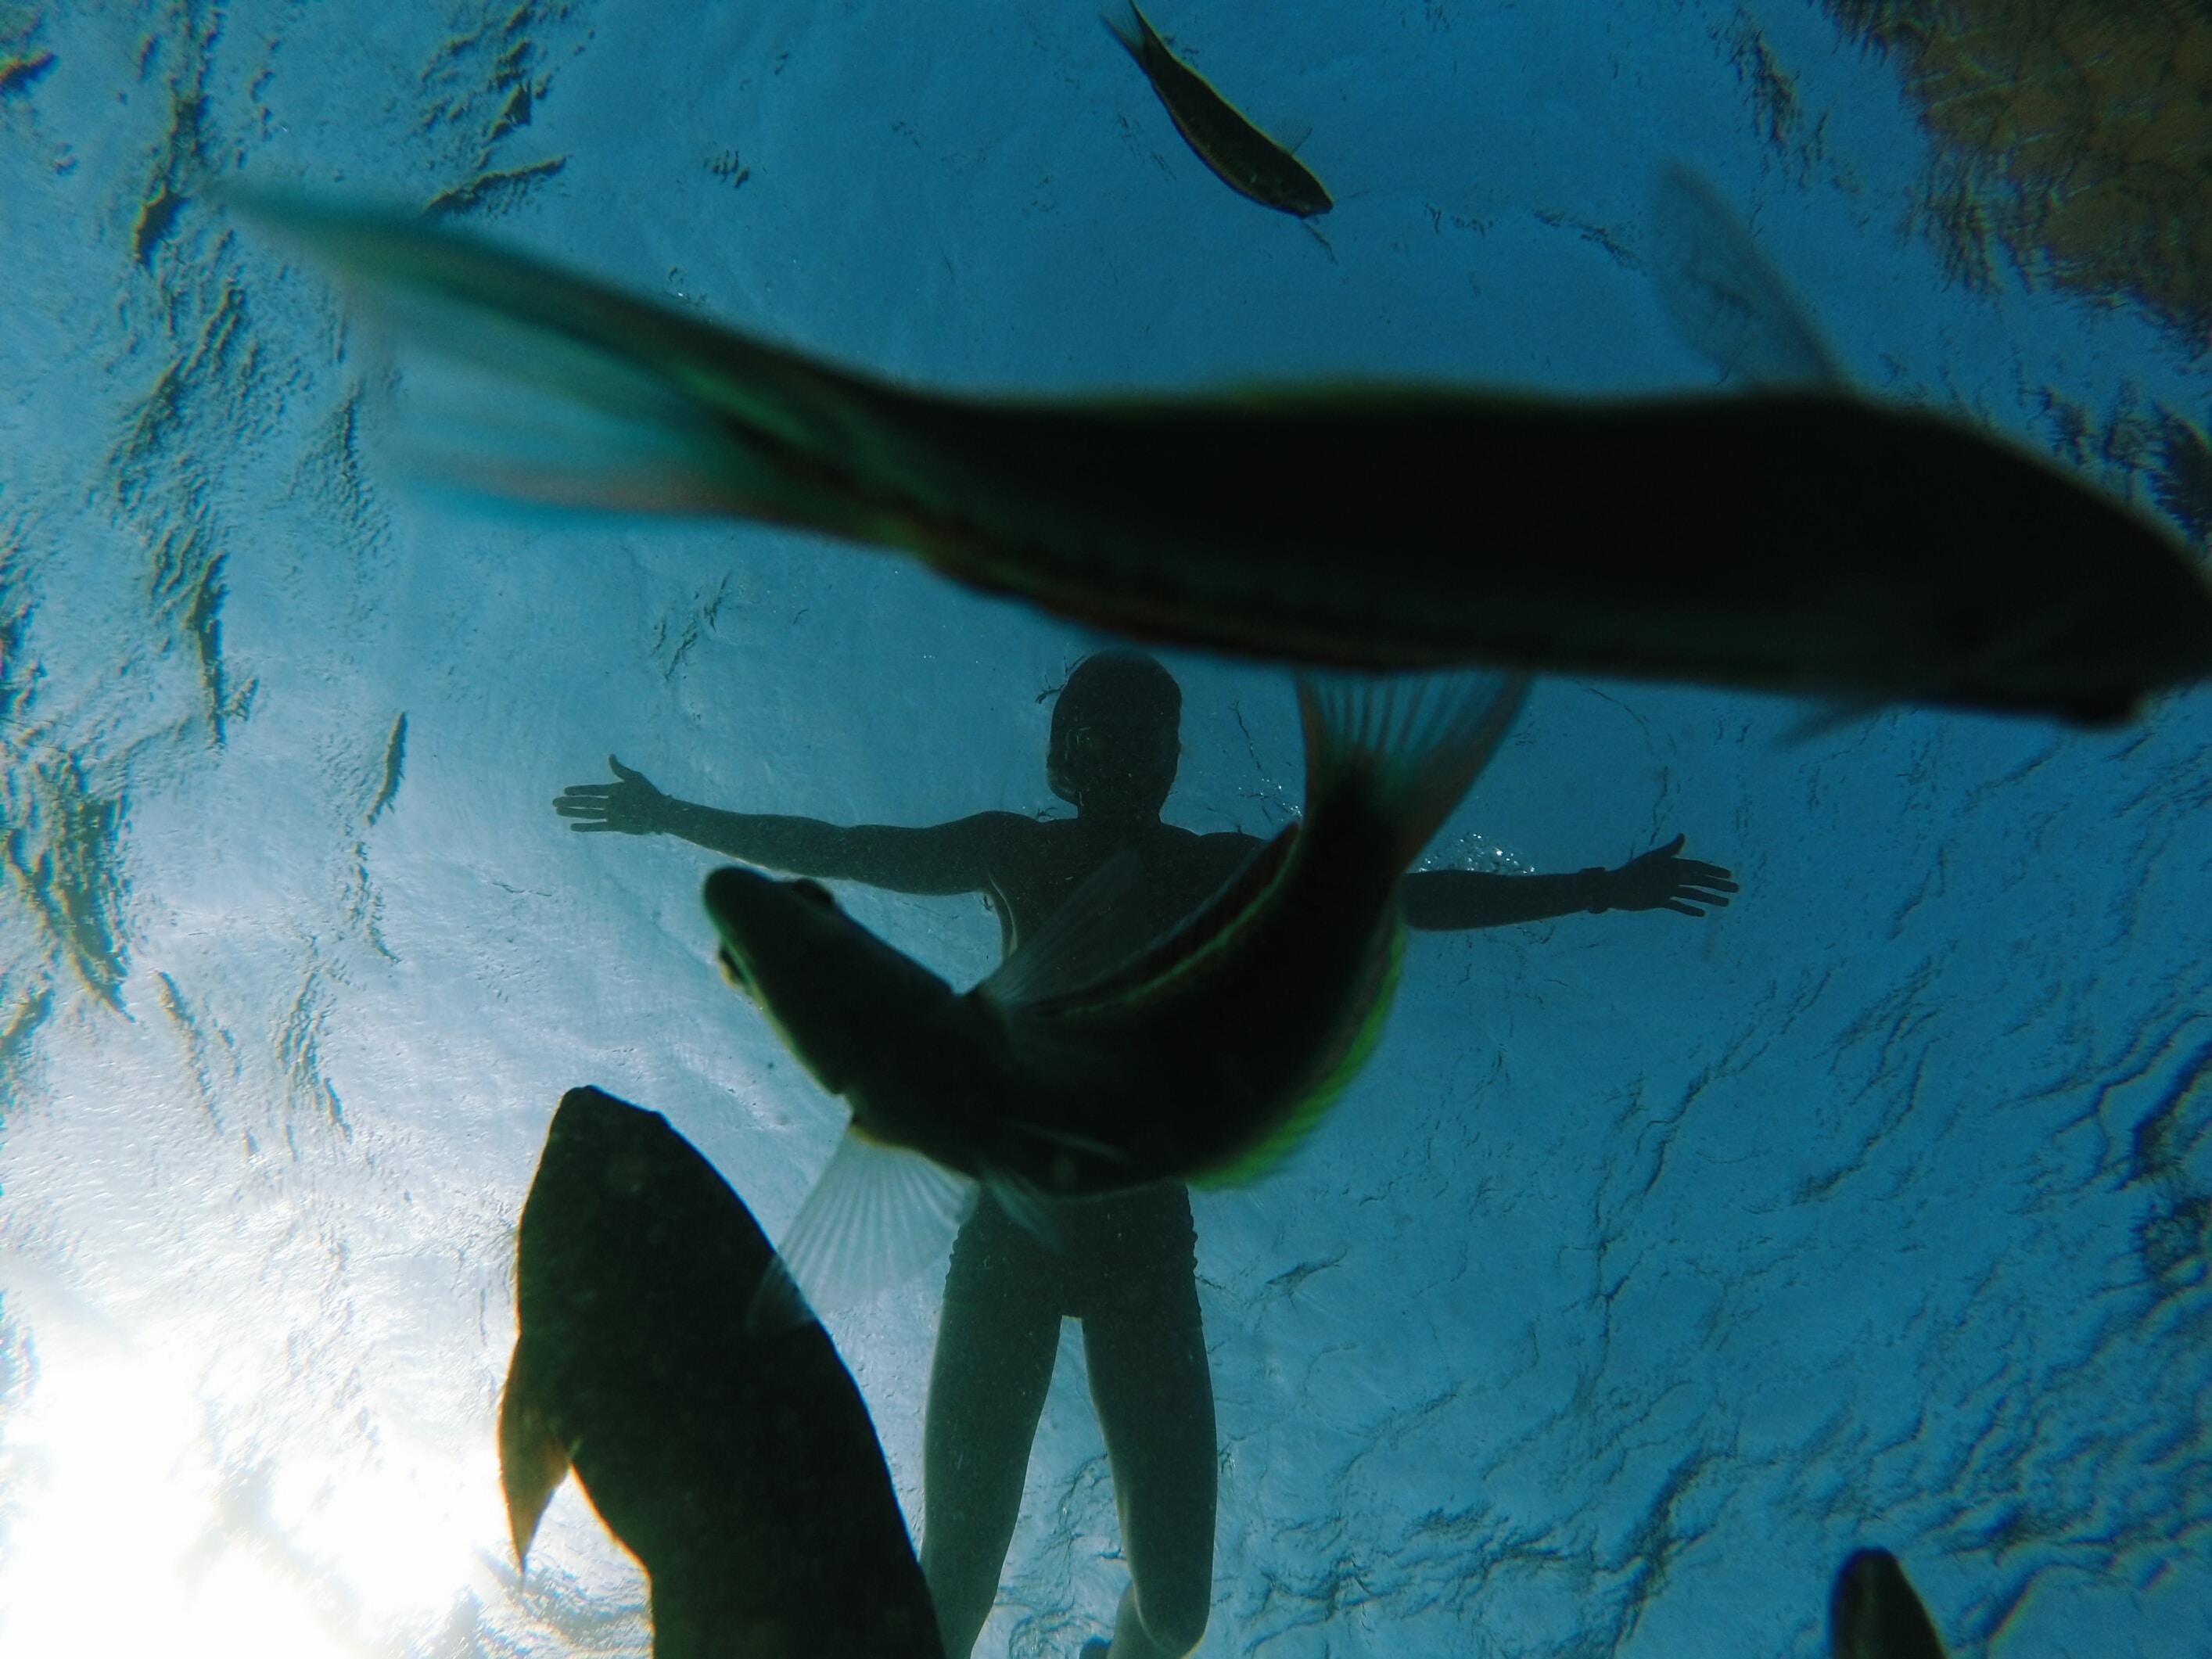 underwater photo of shoal of fish